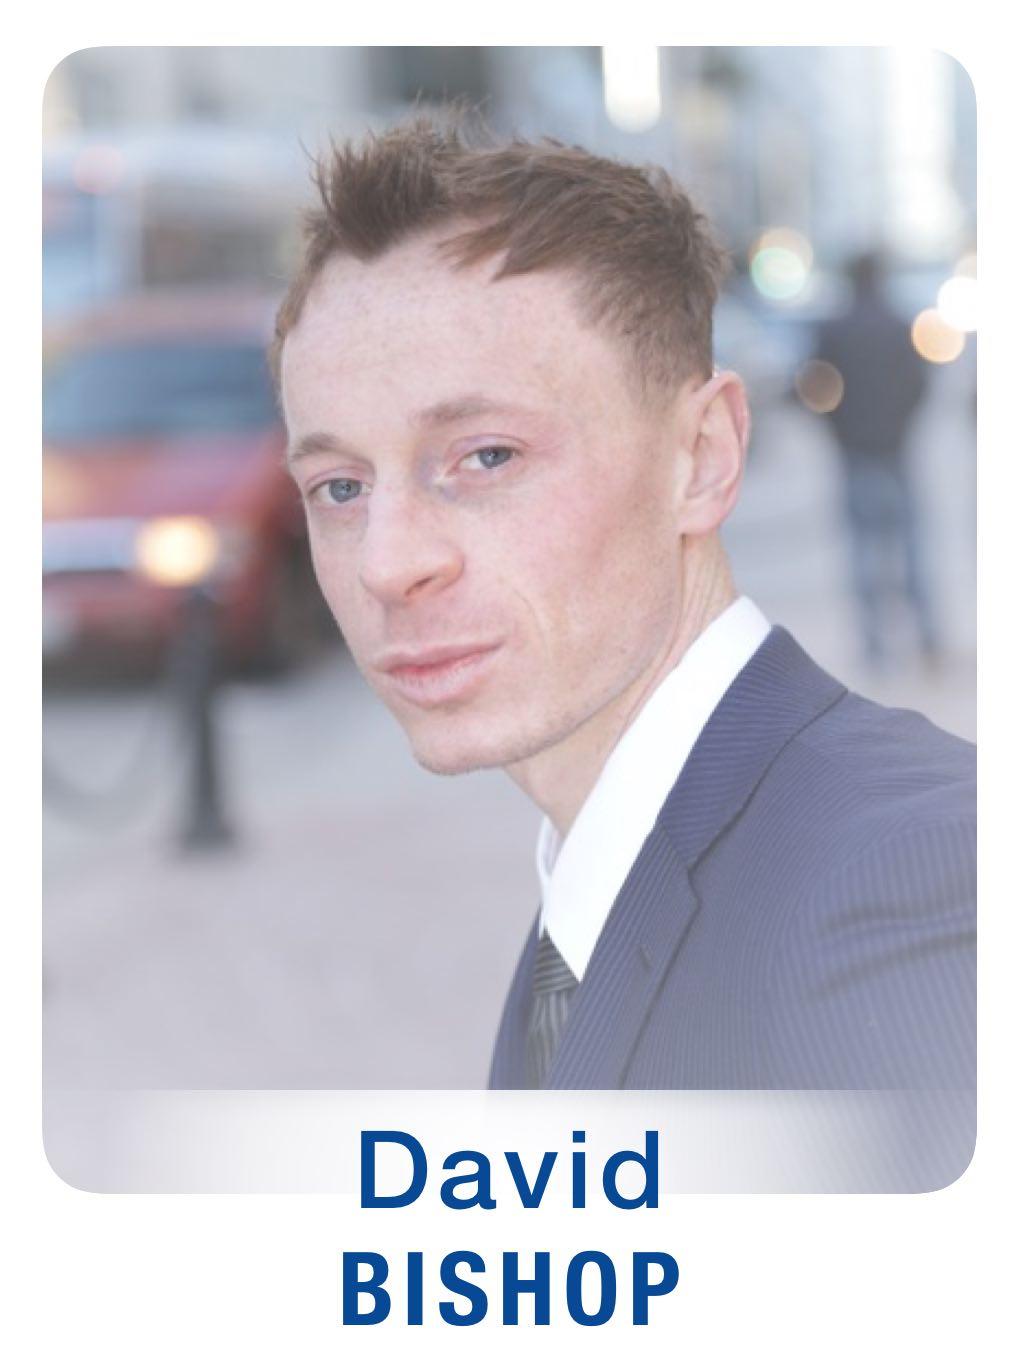 New GTI David Bishop Photo